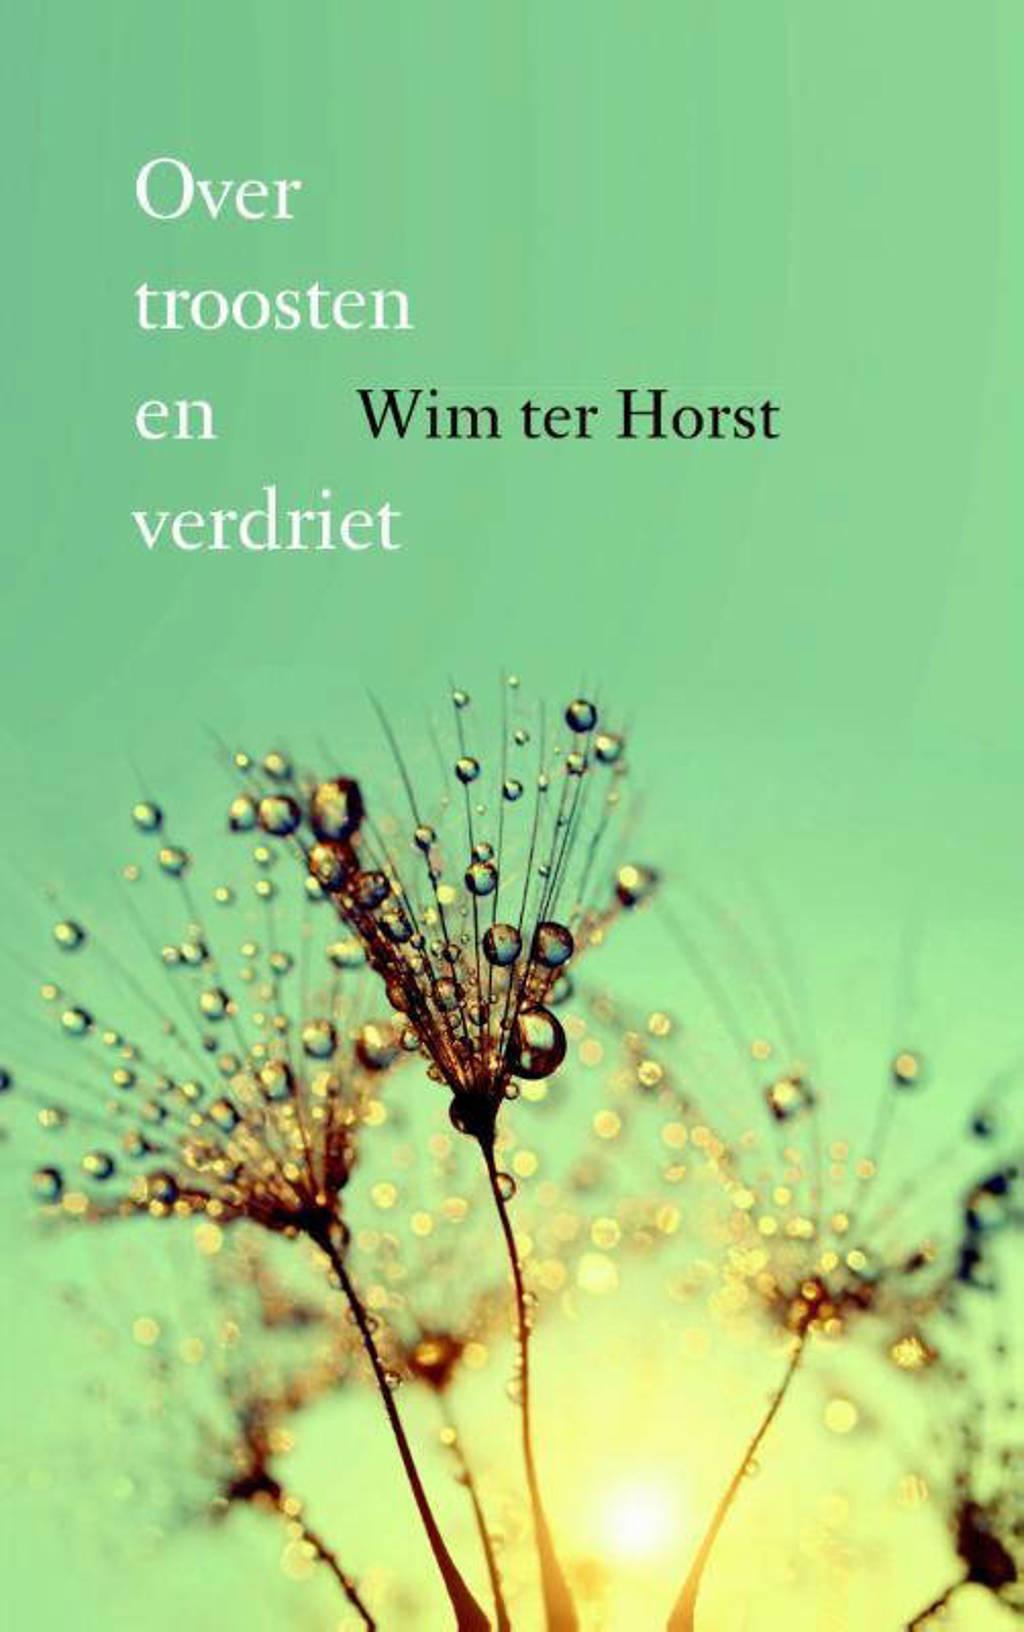 Over troosten en verdriet - Wim ter Horst